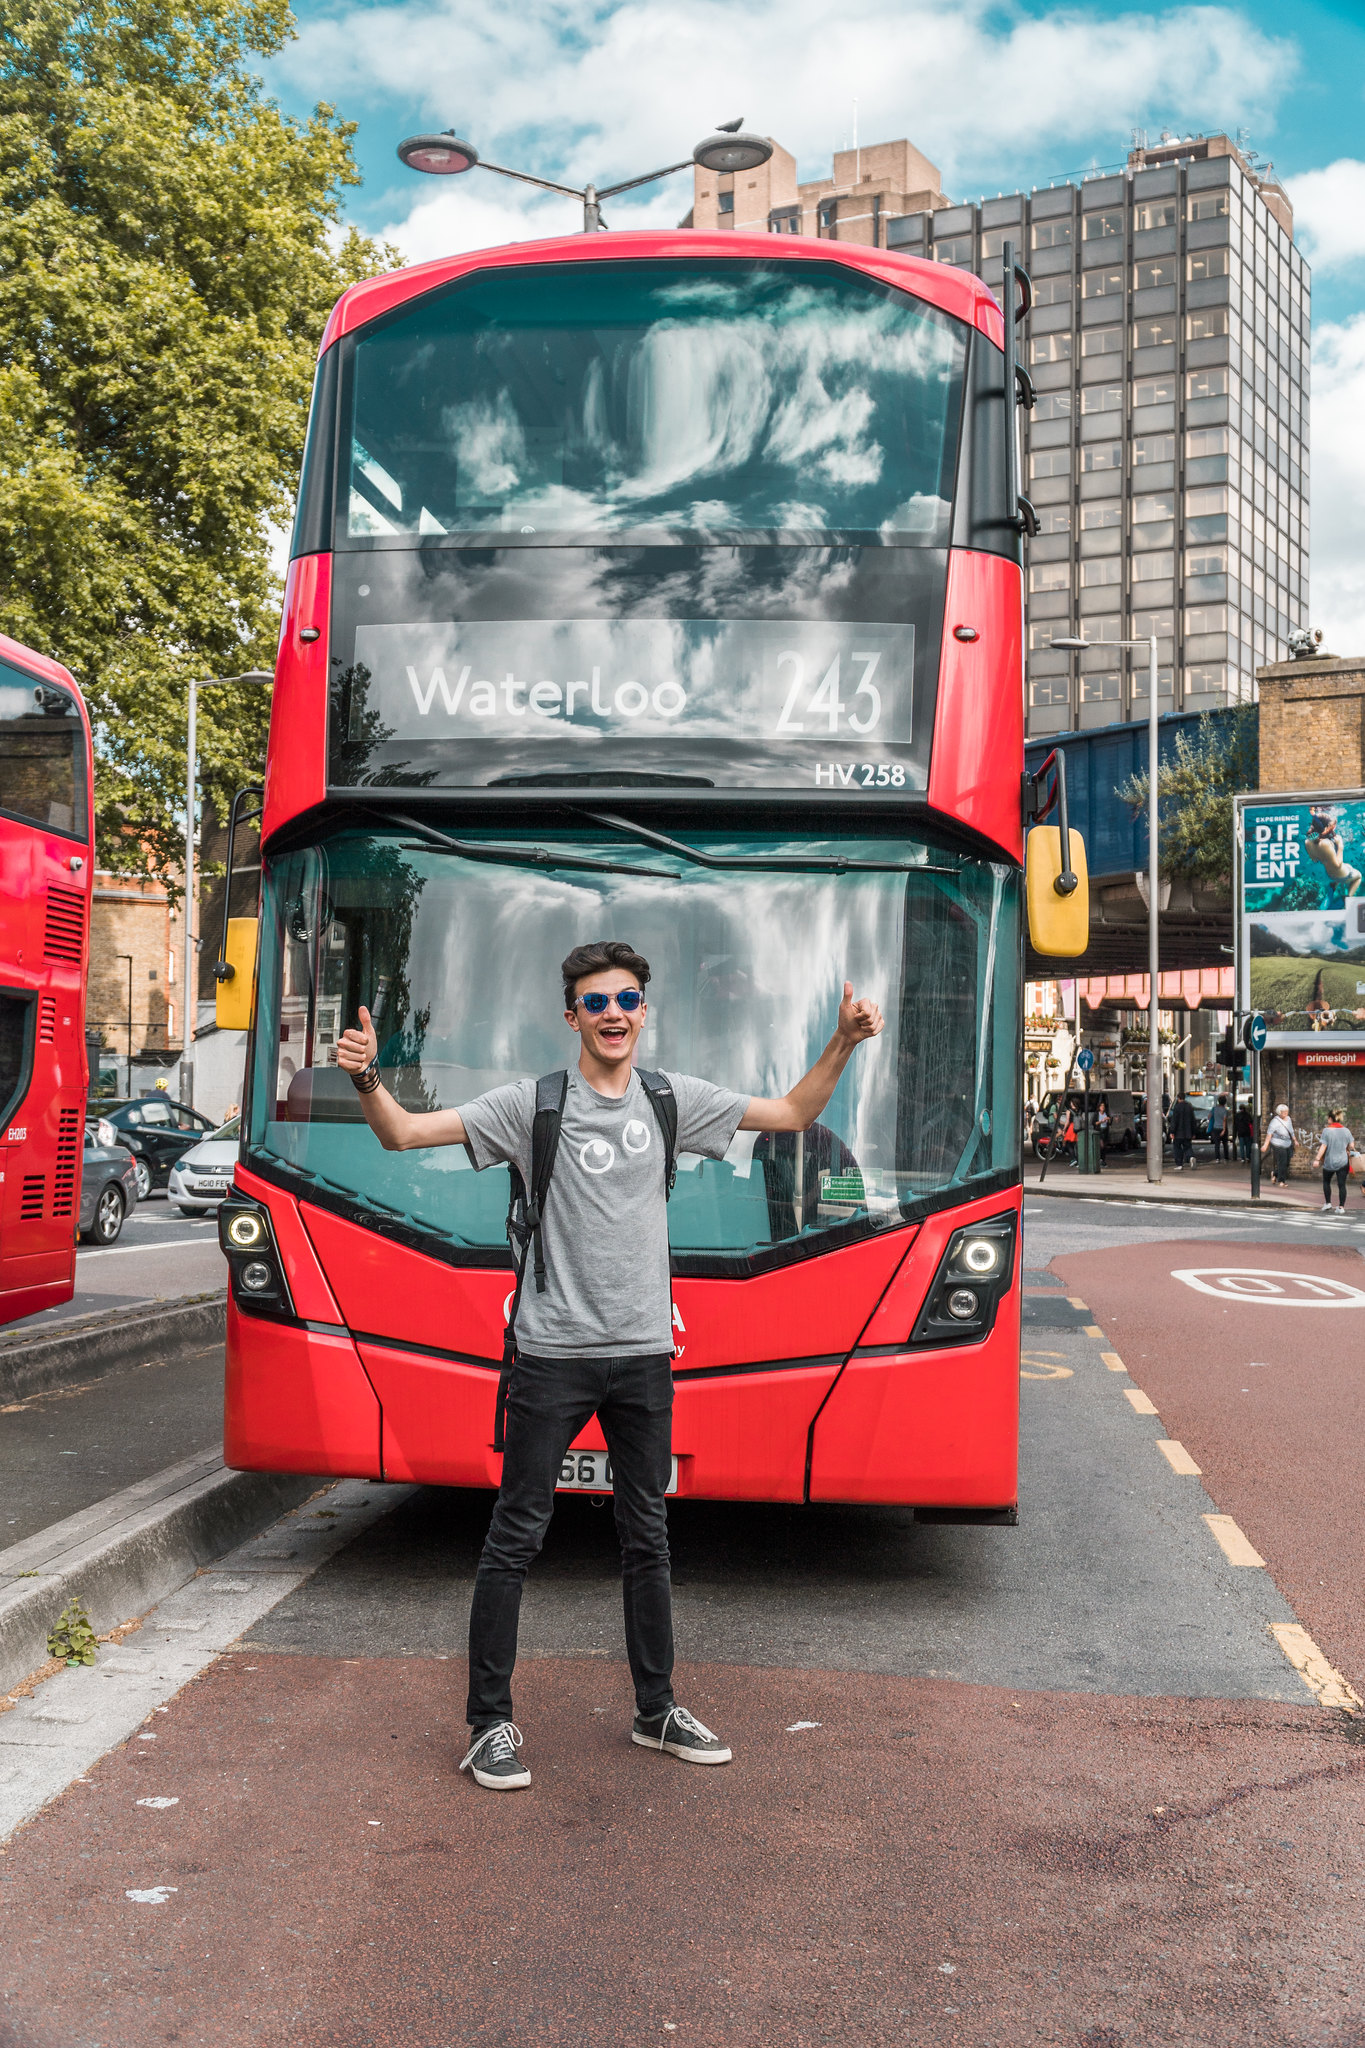 Tommi fa il figo davanti a un bus a due piani